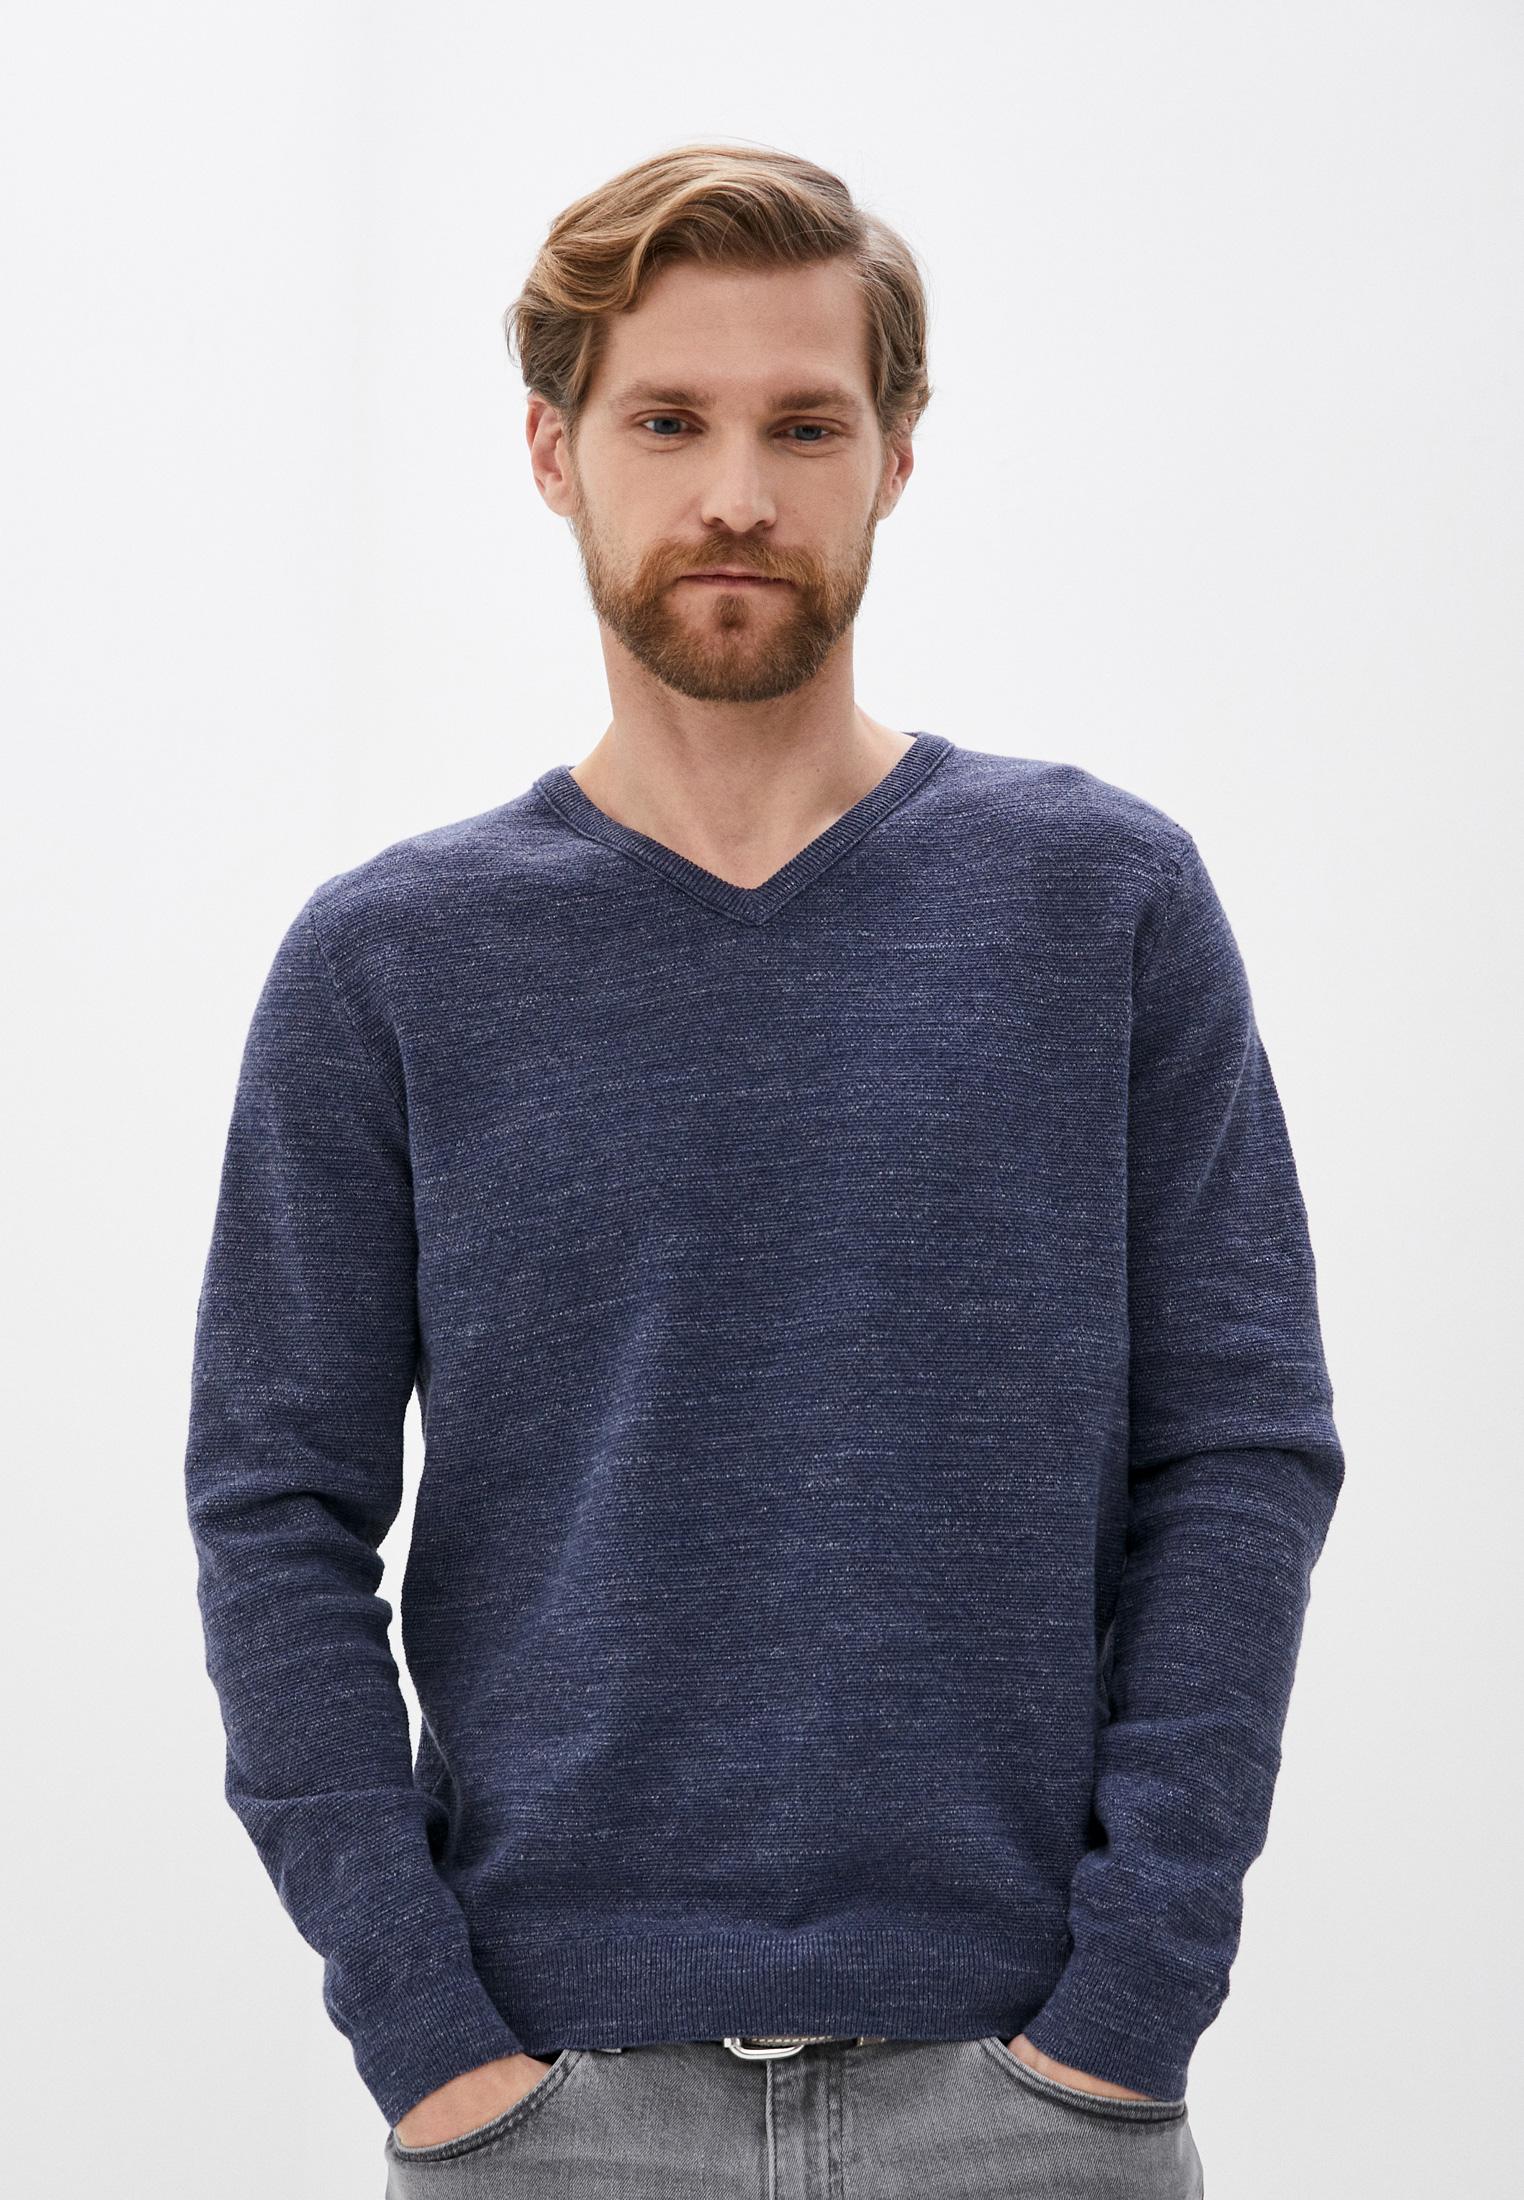 Пуловер Pierre Cardin (Пьер Кардин) 55701.2539.3511